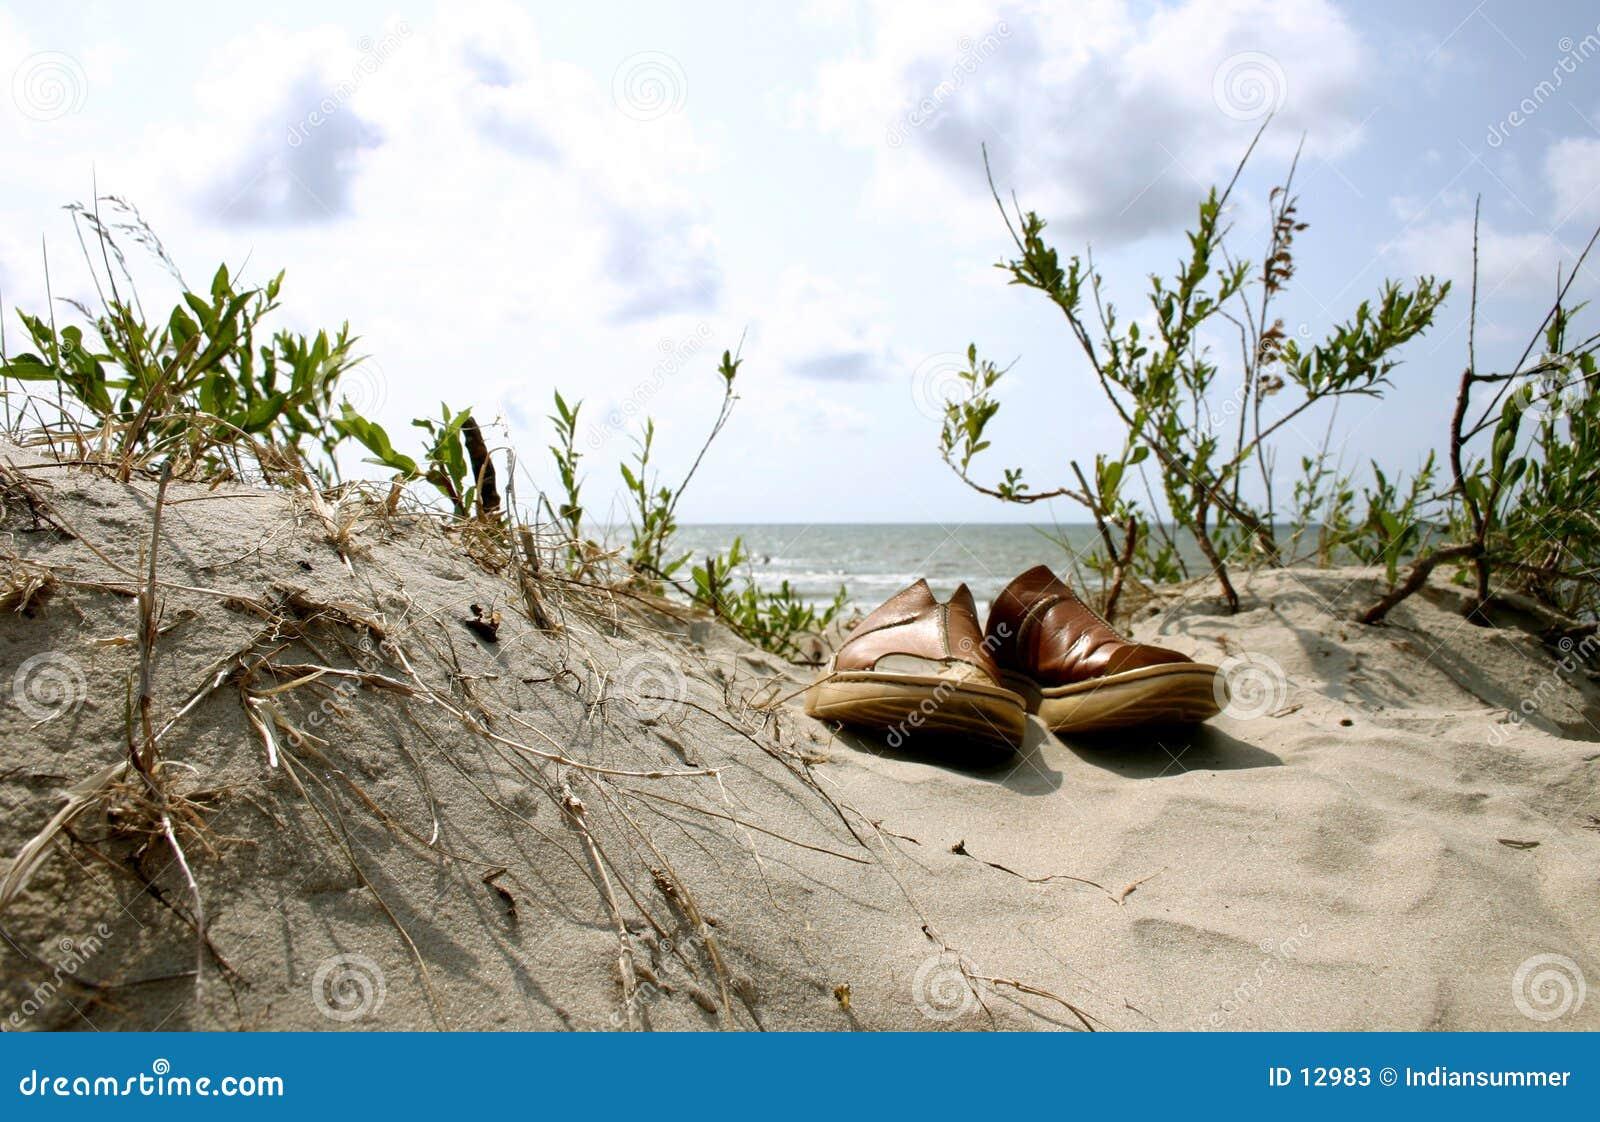 Verano. Playa. Vacaciones